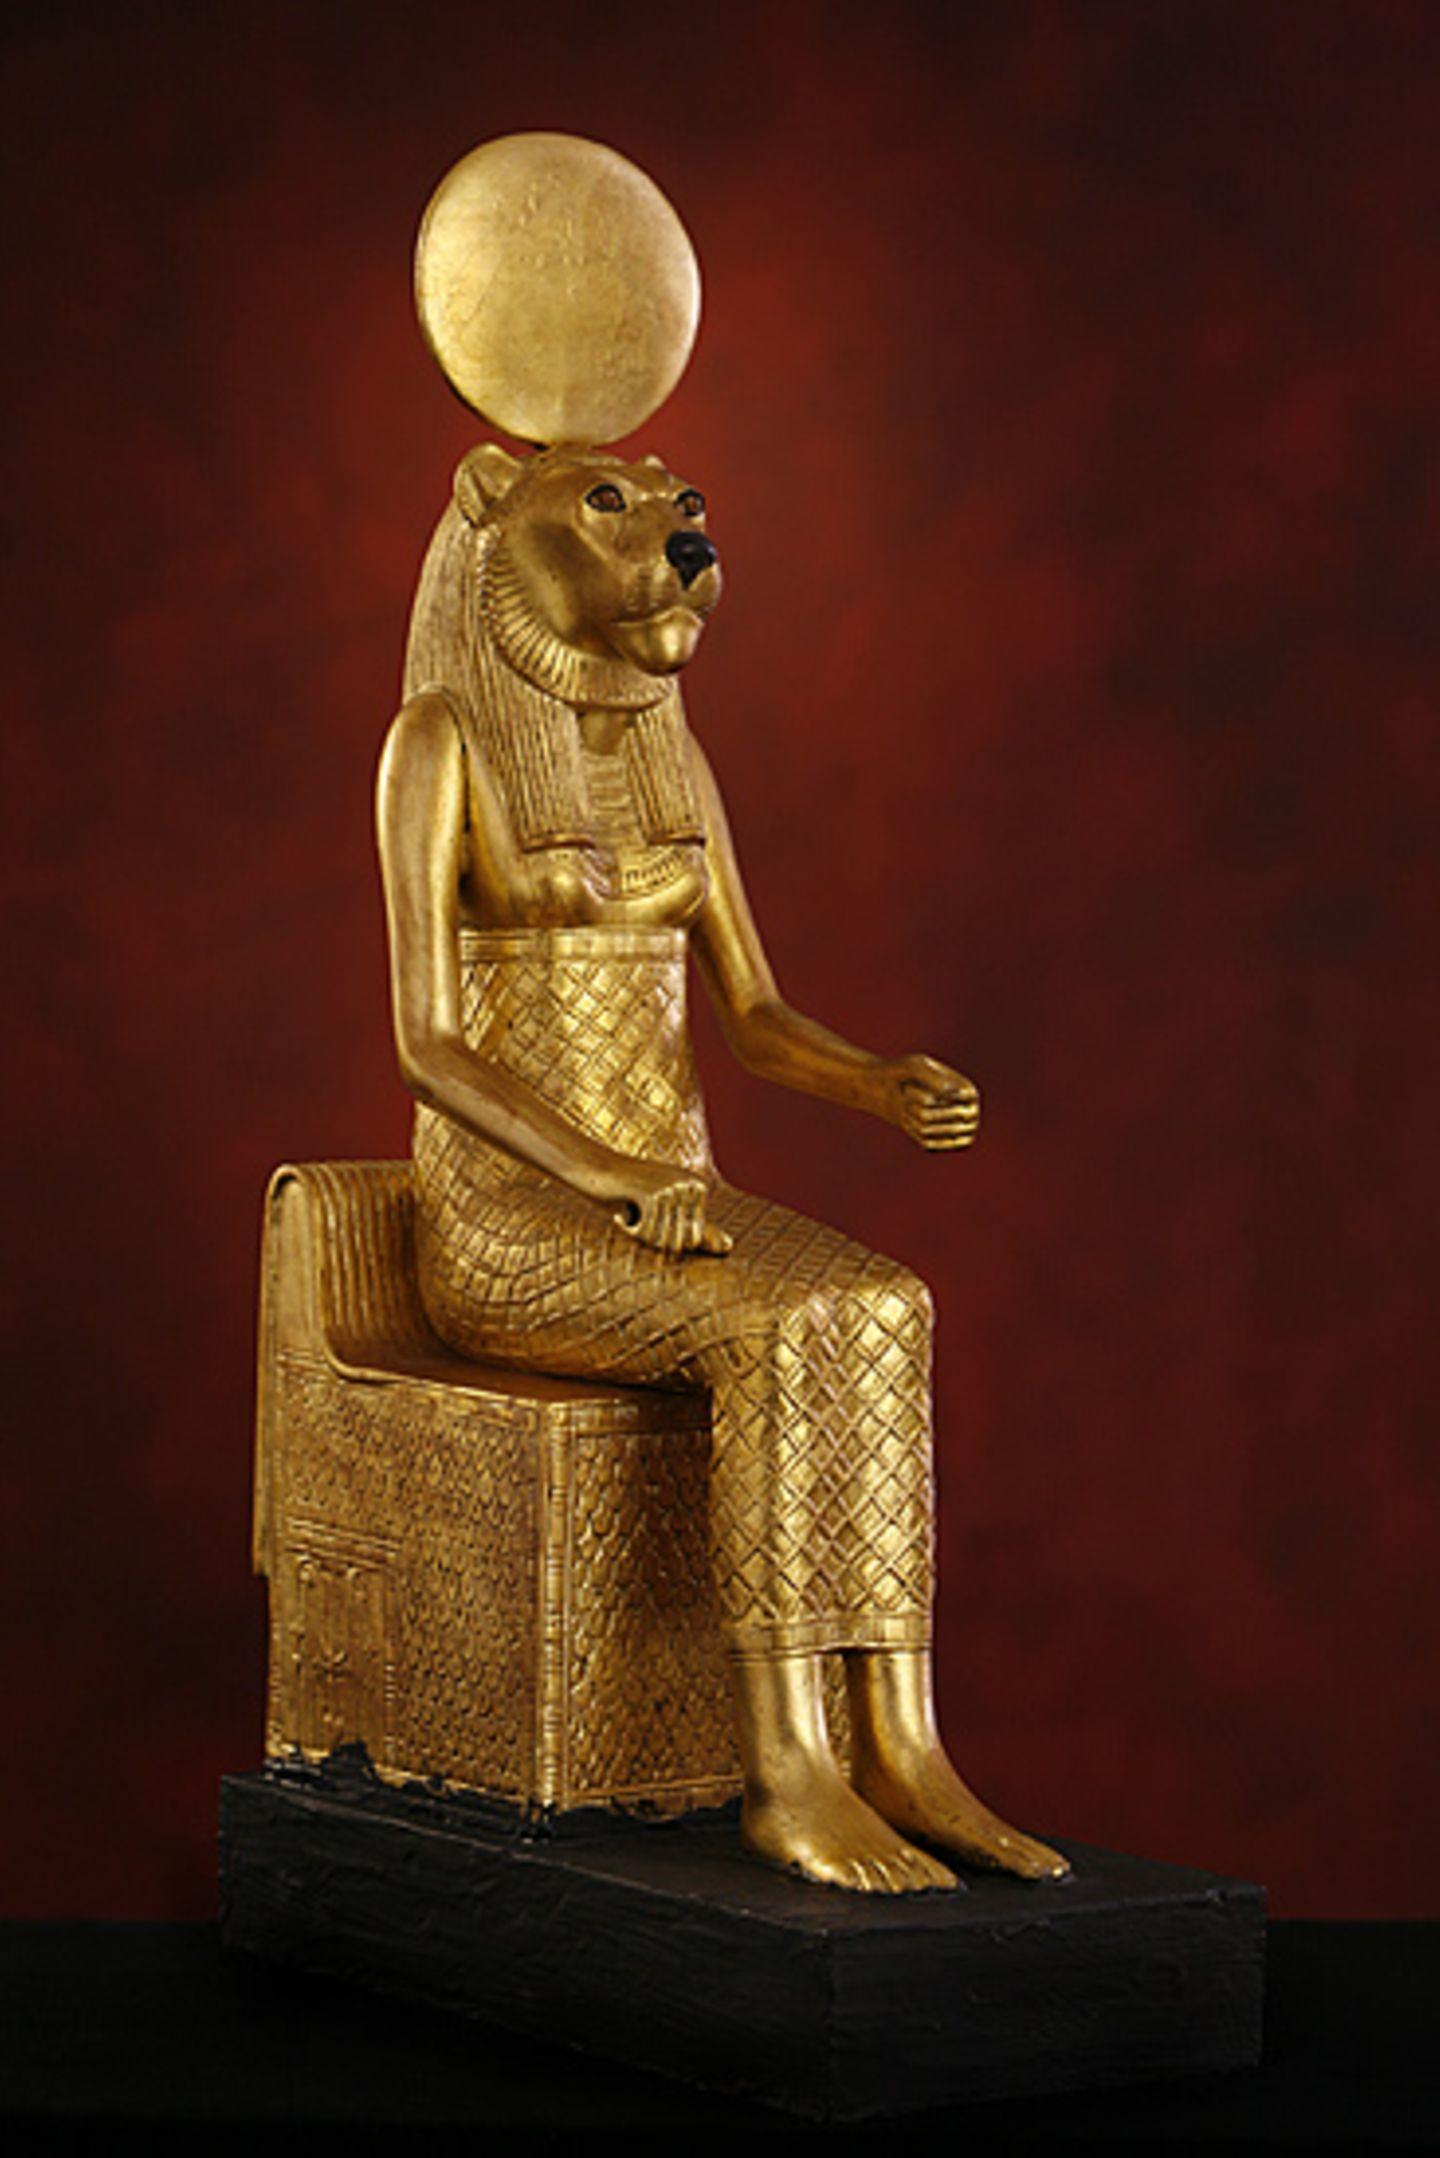 Fotogalerie: Der Schatz des Tutanchamun - Bild 10